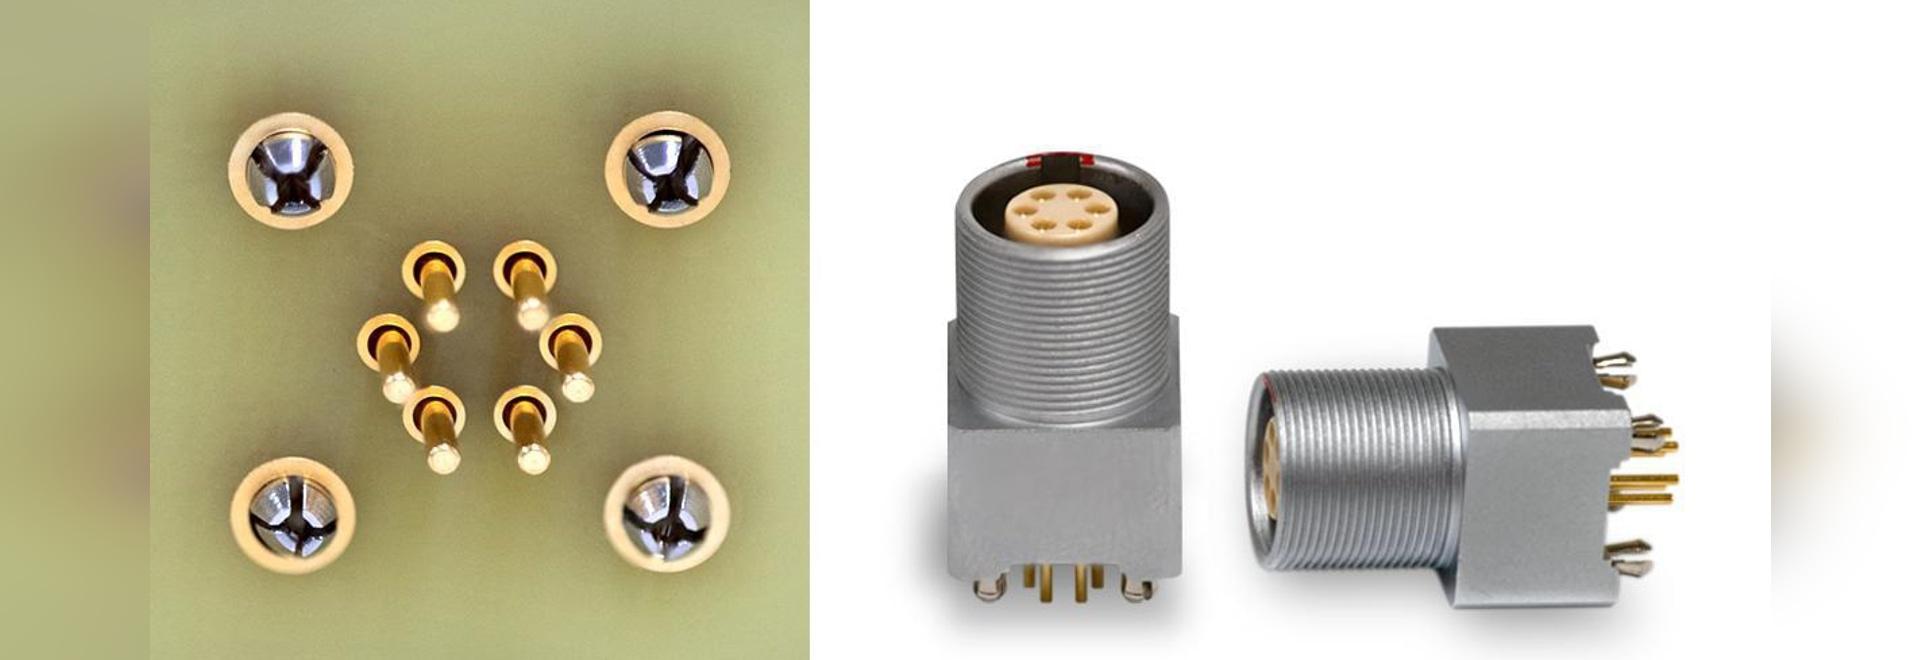 Contacts à presser pour les prises coudées et droites de circuits imprimés